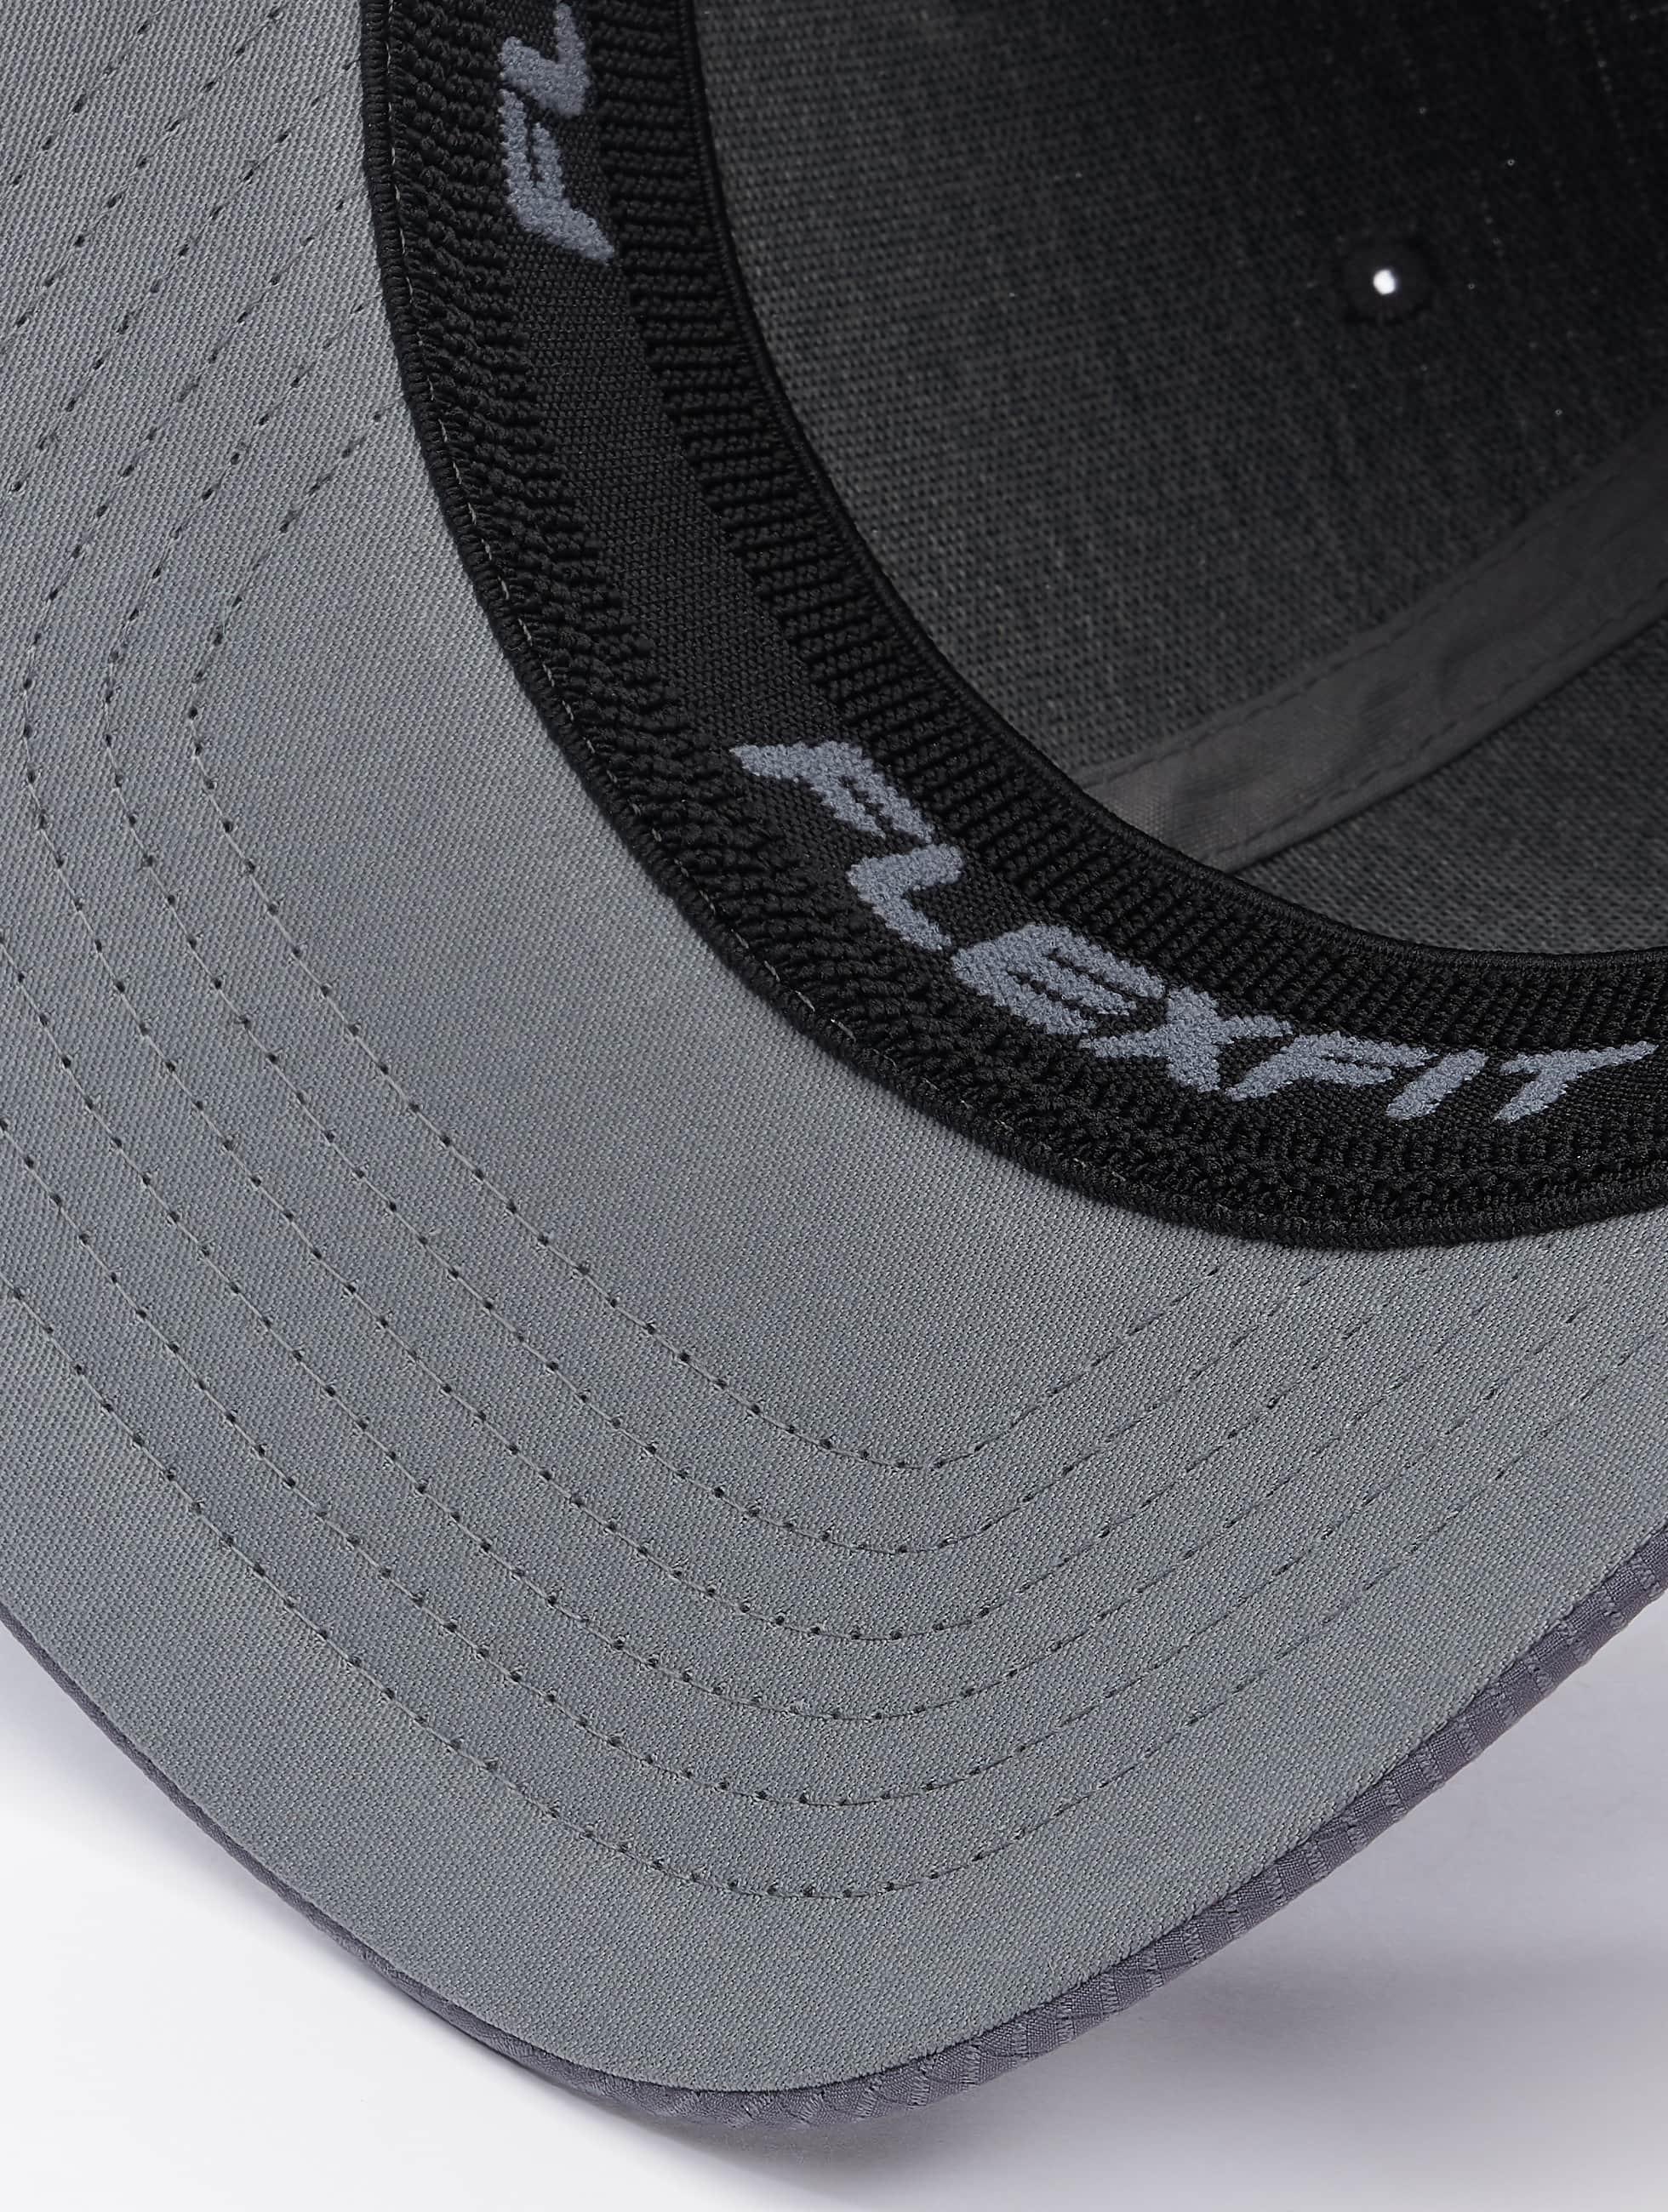 Flexfit Flex fit keps Hydro-Grid grå